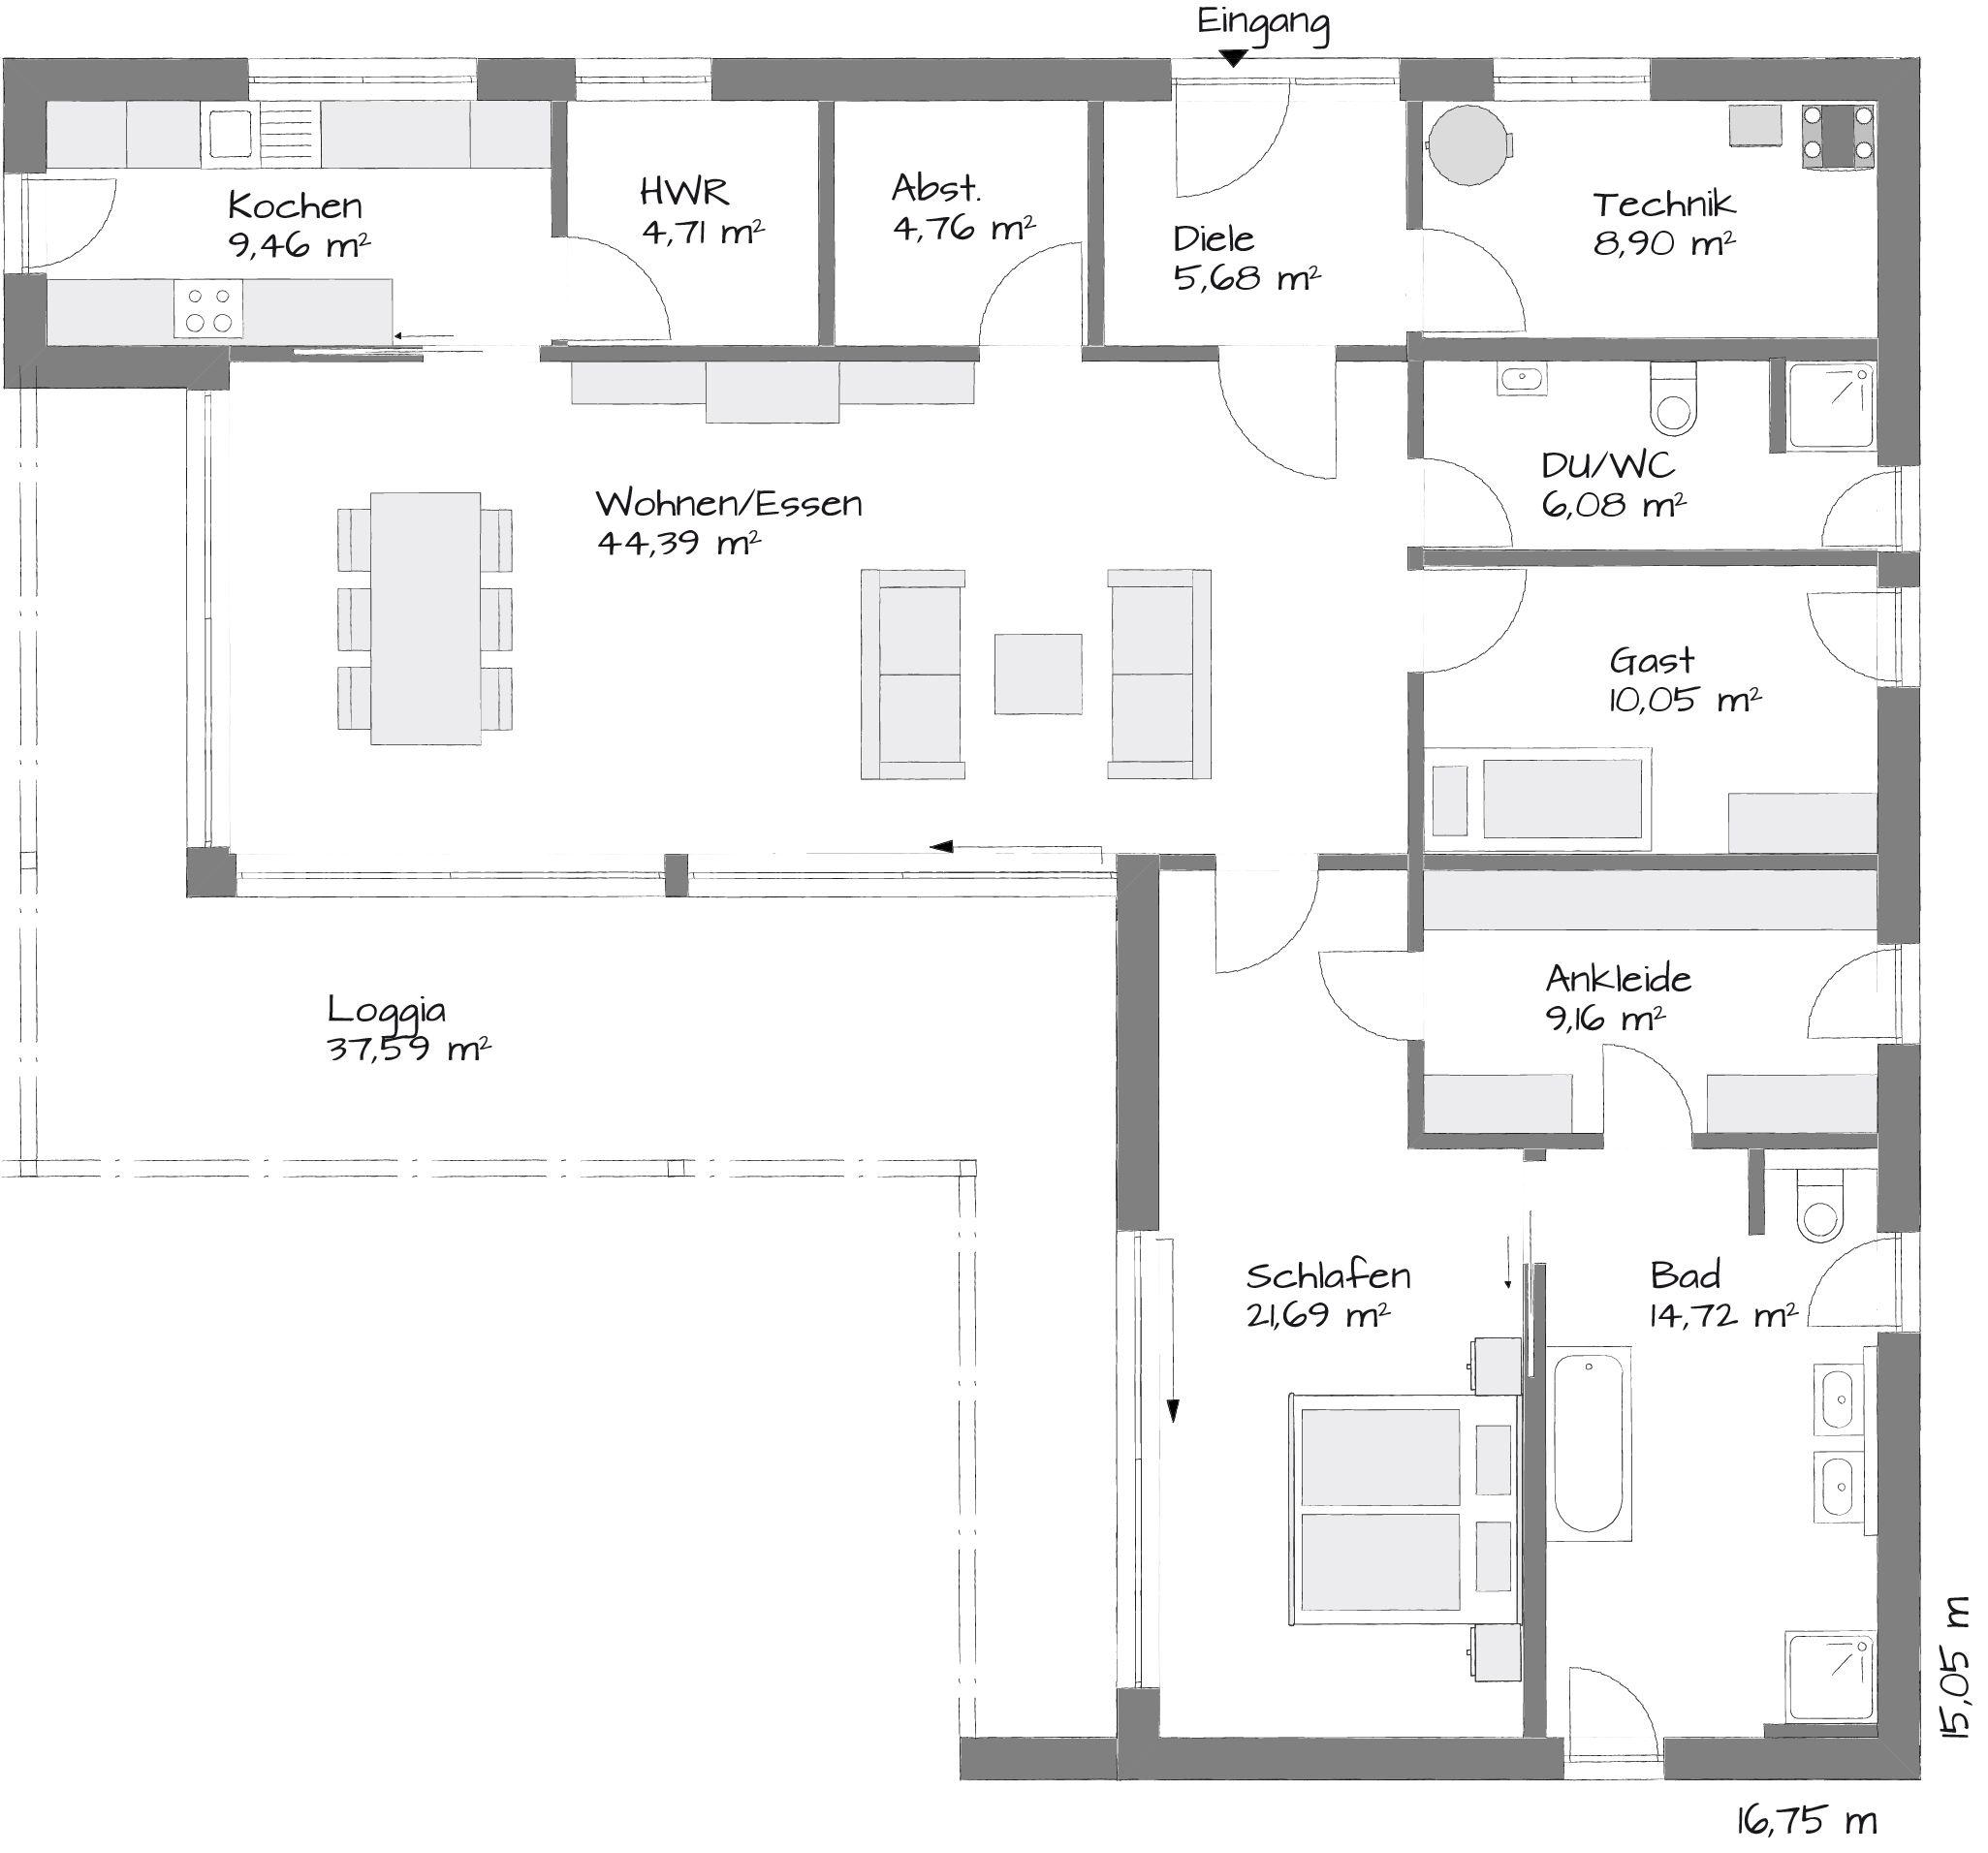 Neubau Einfamilienhaus Flachdach: Moderne Bungalow Met Platdak